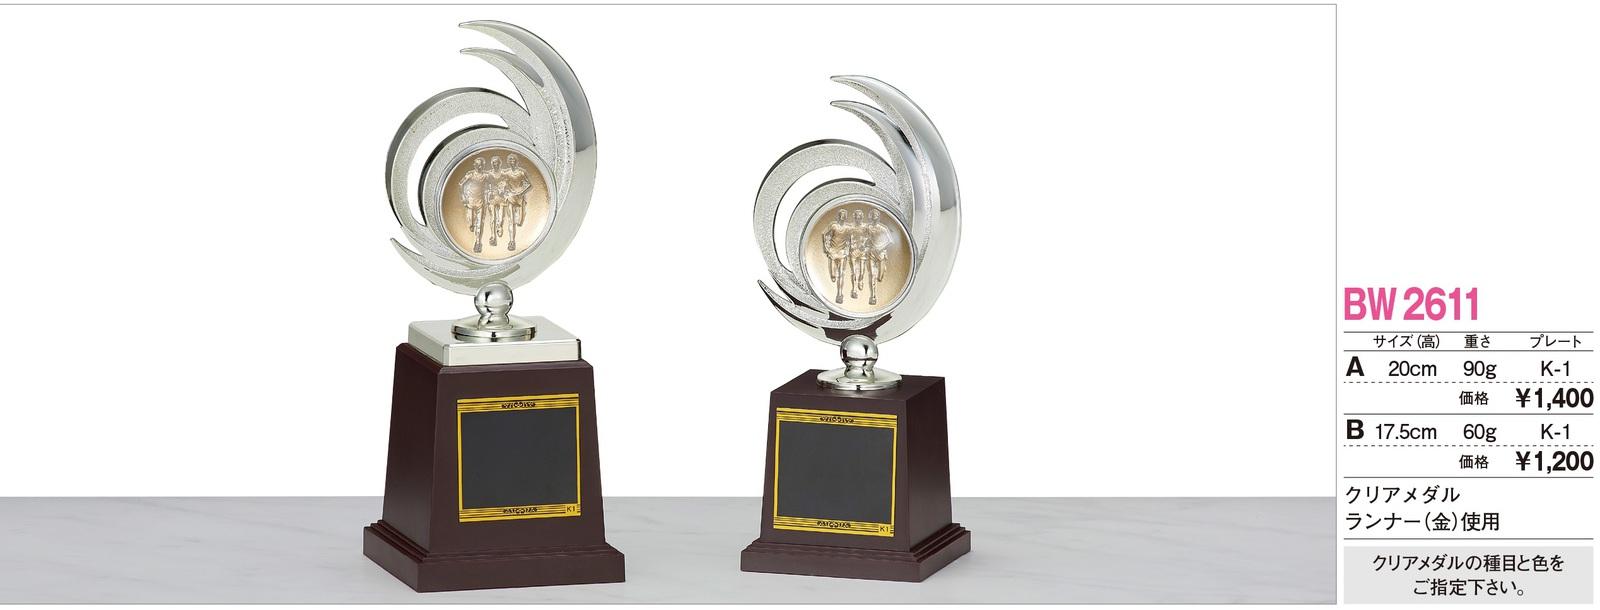 トロフィー工房のトロフィーは 評価 リボン無料 高品質レーザー印字無料 10000円以上お買い上げで送料無料 休日 ブロンズ BW2611A K-1